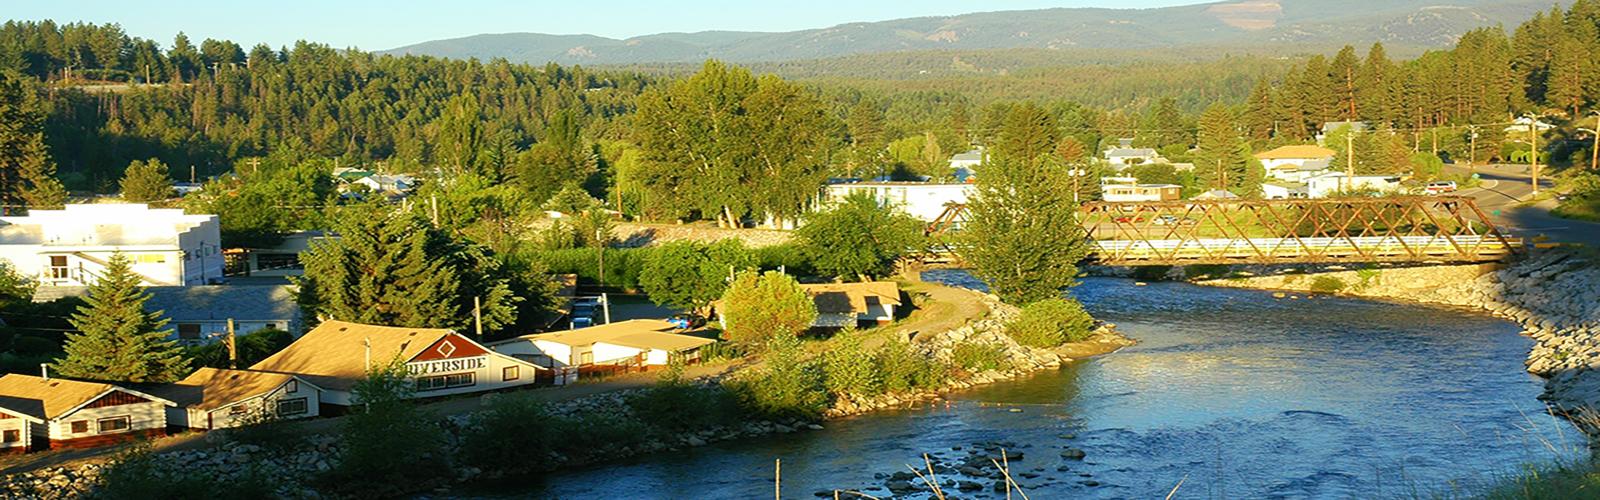 Princeton River View